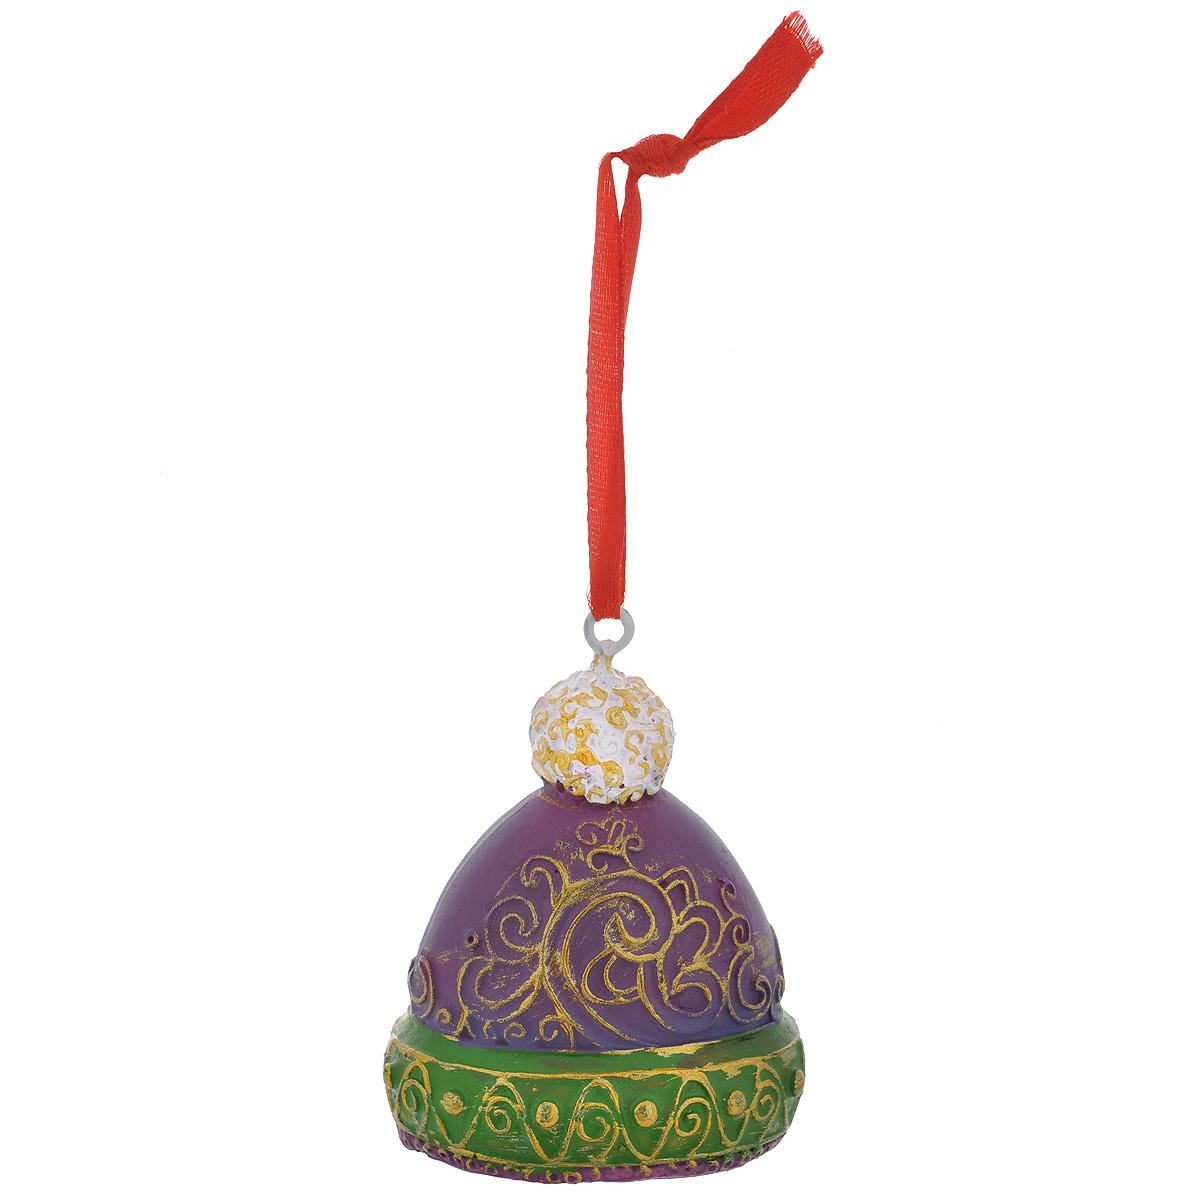 Новогоднее подвесное украшение Феникс-Презент Шапка, цвет: фиолетовый, зеленый. 3459834598Оригинальное новогоднее украшение из пластика прекрасно подойдет для праздничного декора дома и новогодней ели. Изделие крепится на елку с помощью металлического зажима.